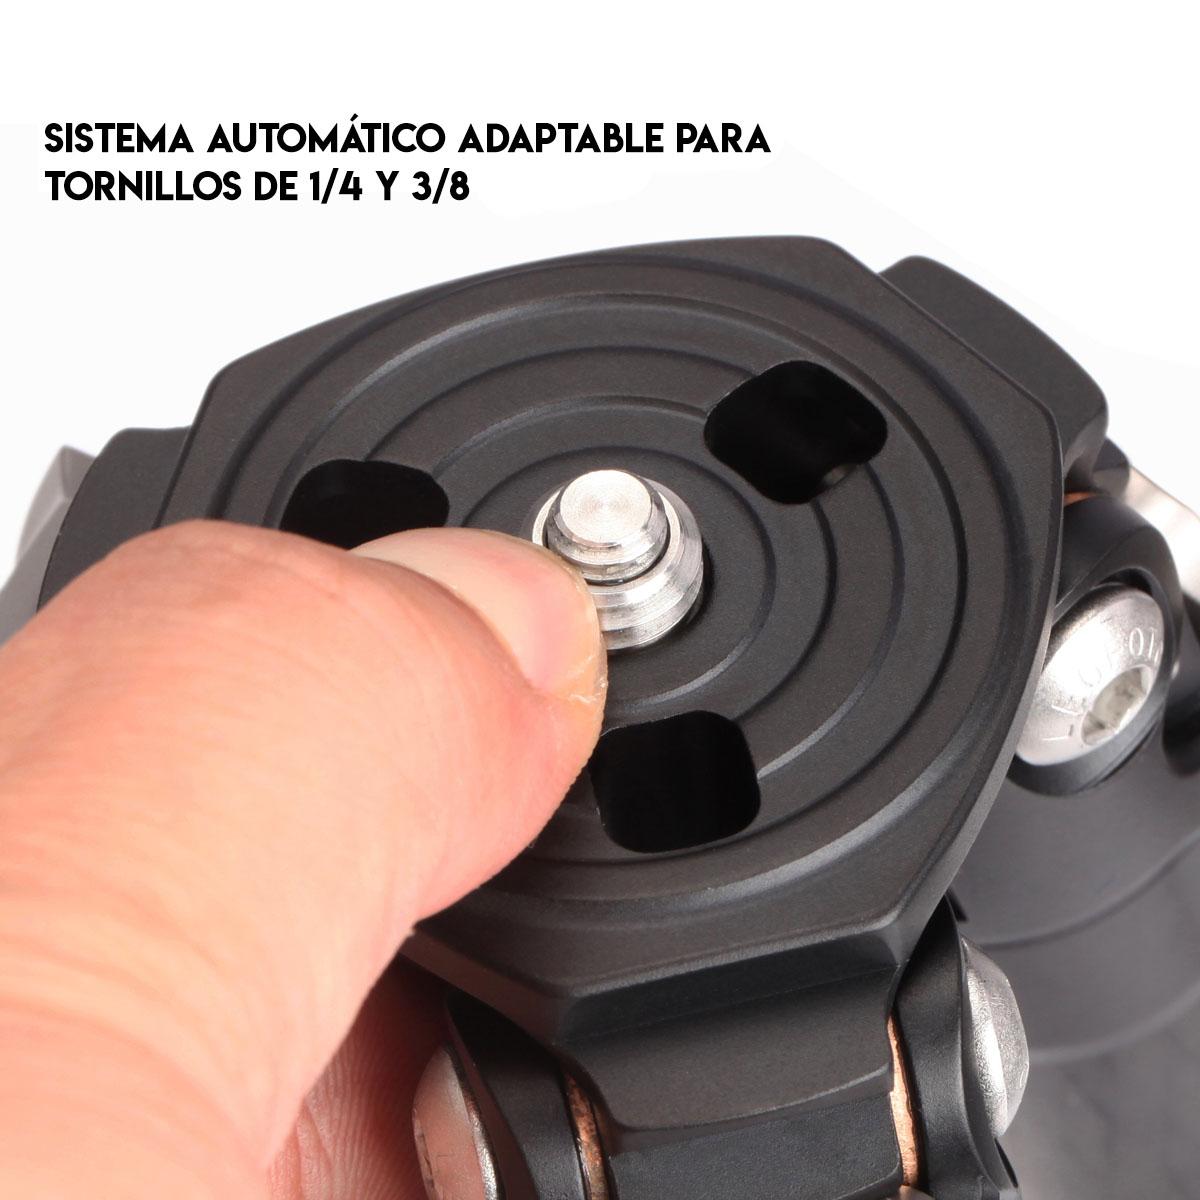 Trípode LS-223C en carbono Toray 10x para tornillos adaptable